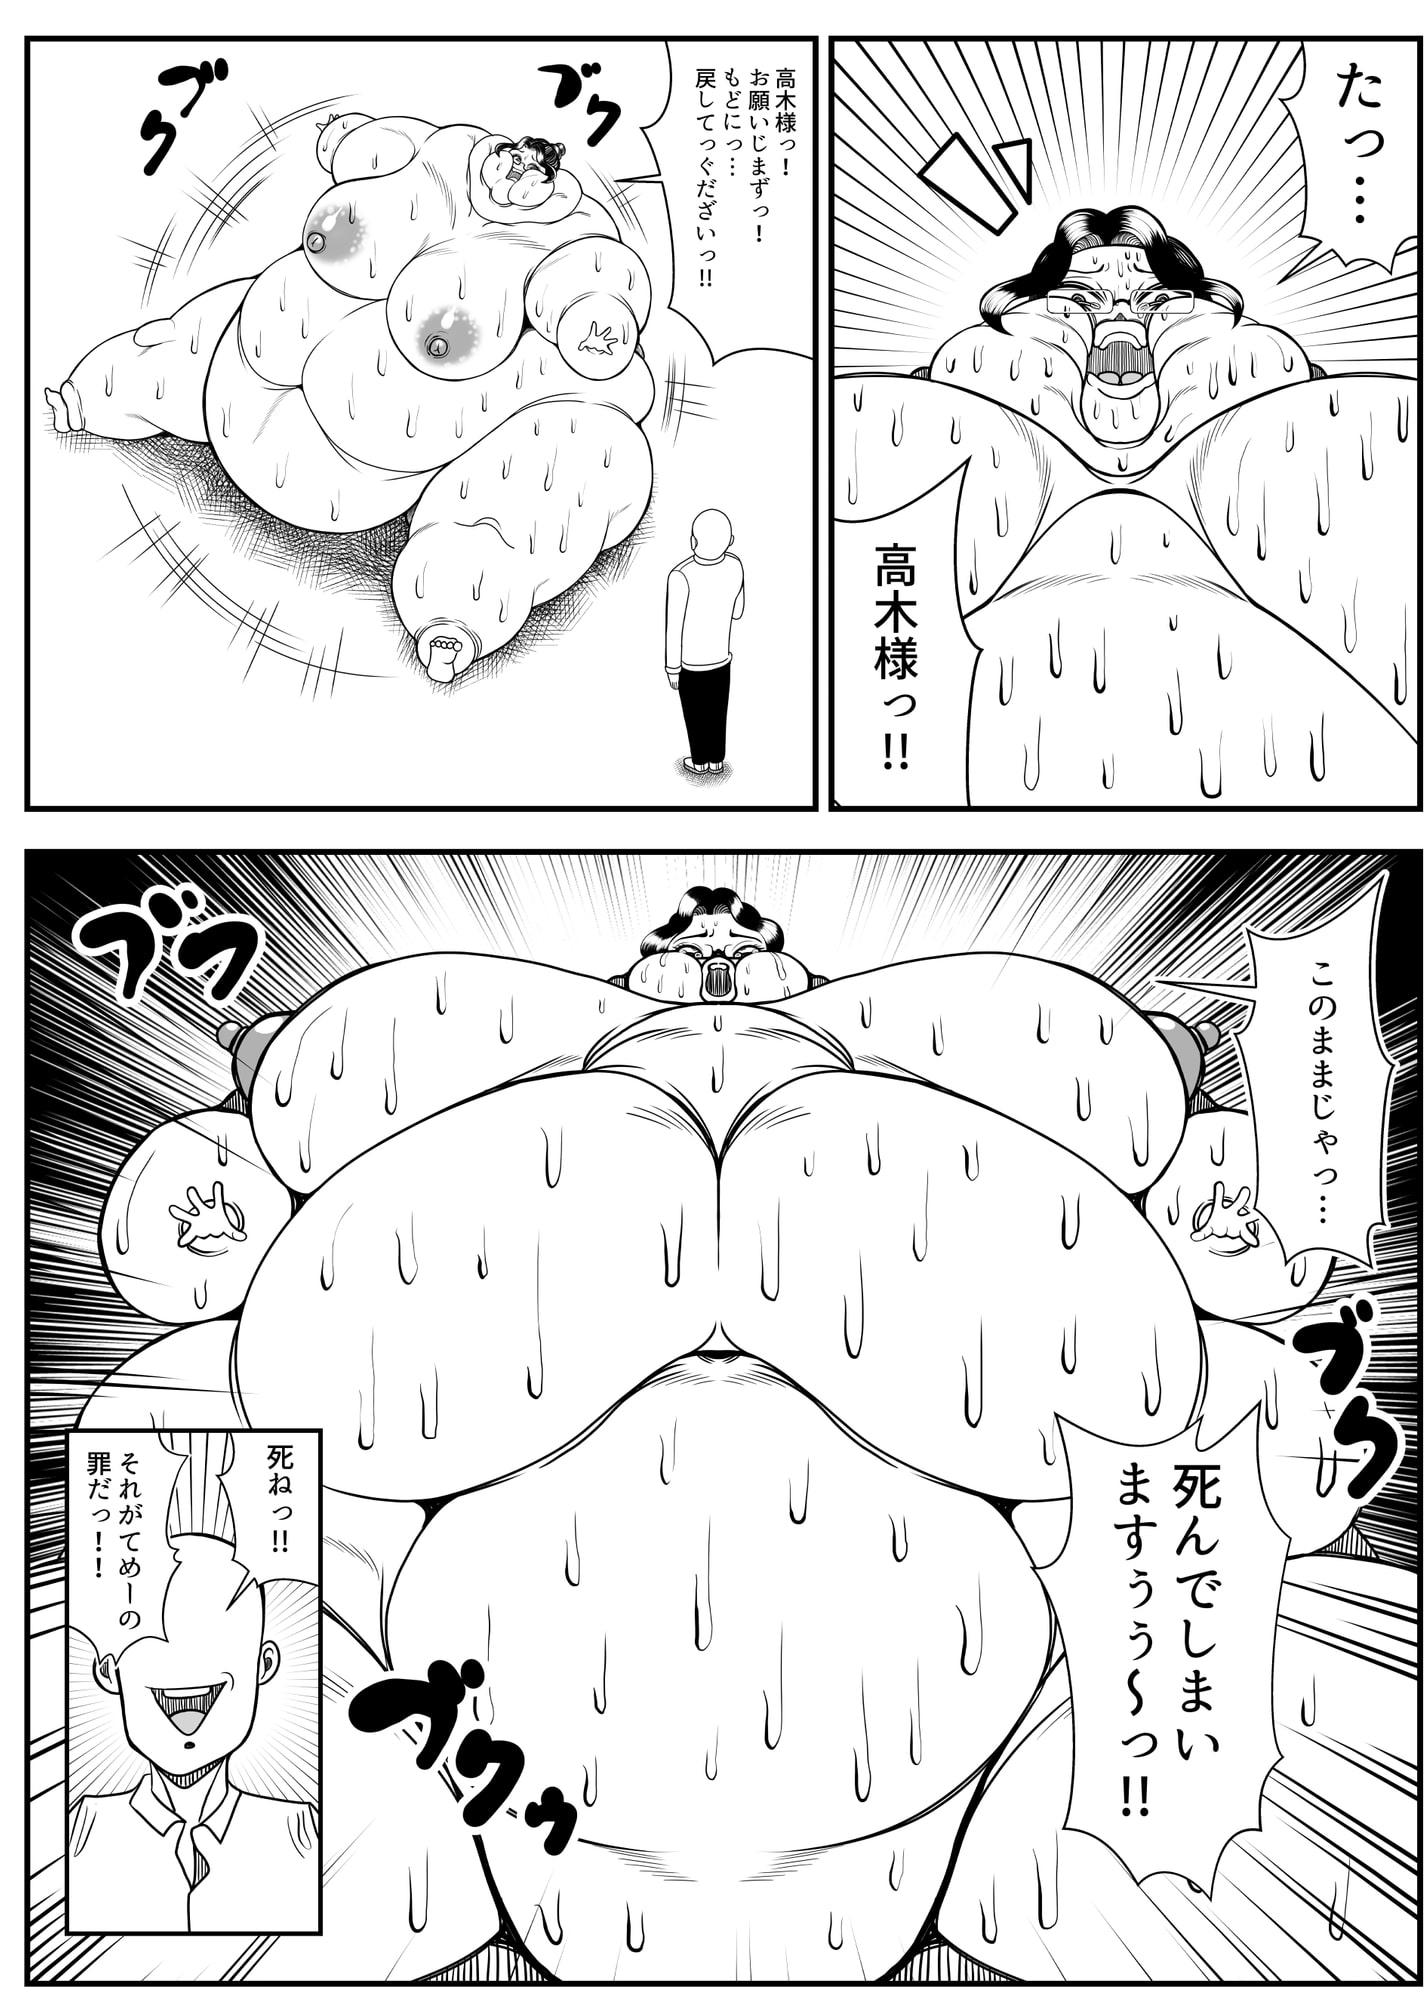 肥満化アプリ(熟女学年主任編)のサンプル画像5